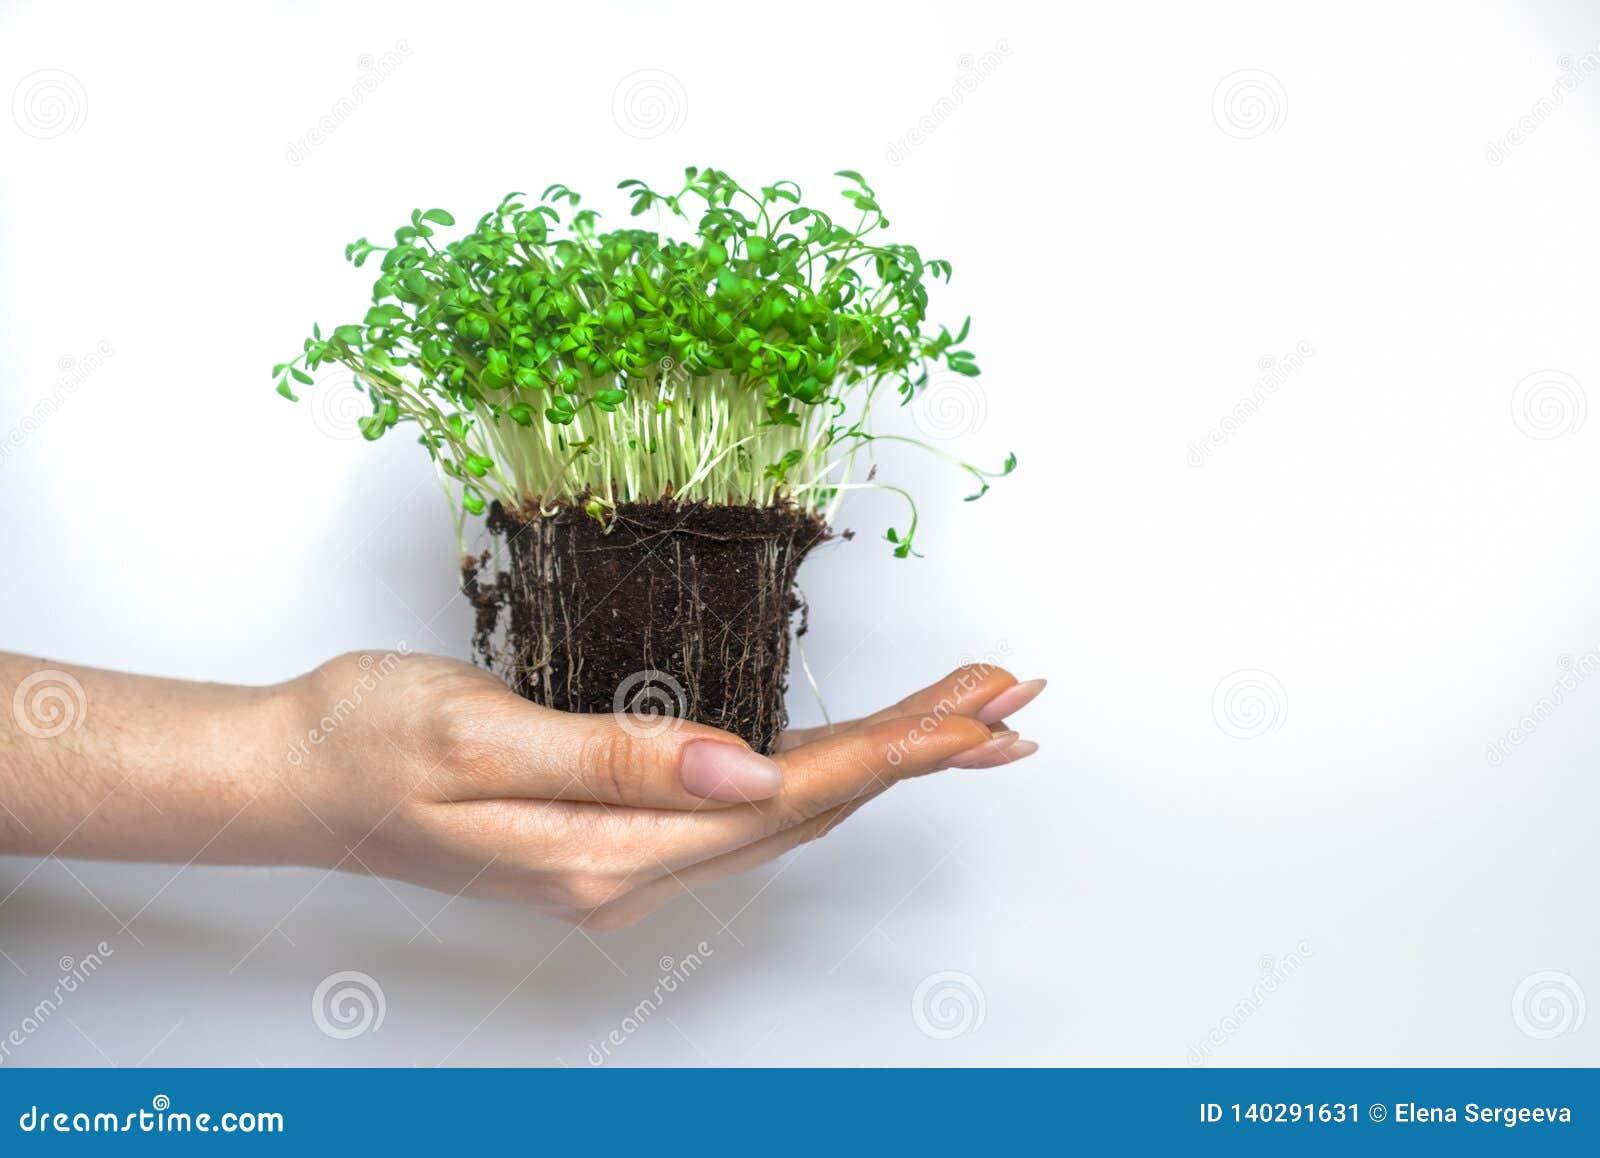 Ny utloppsröreco för grön växt